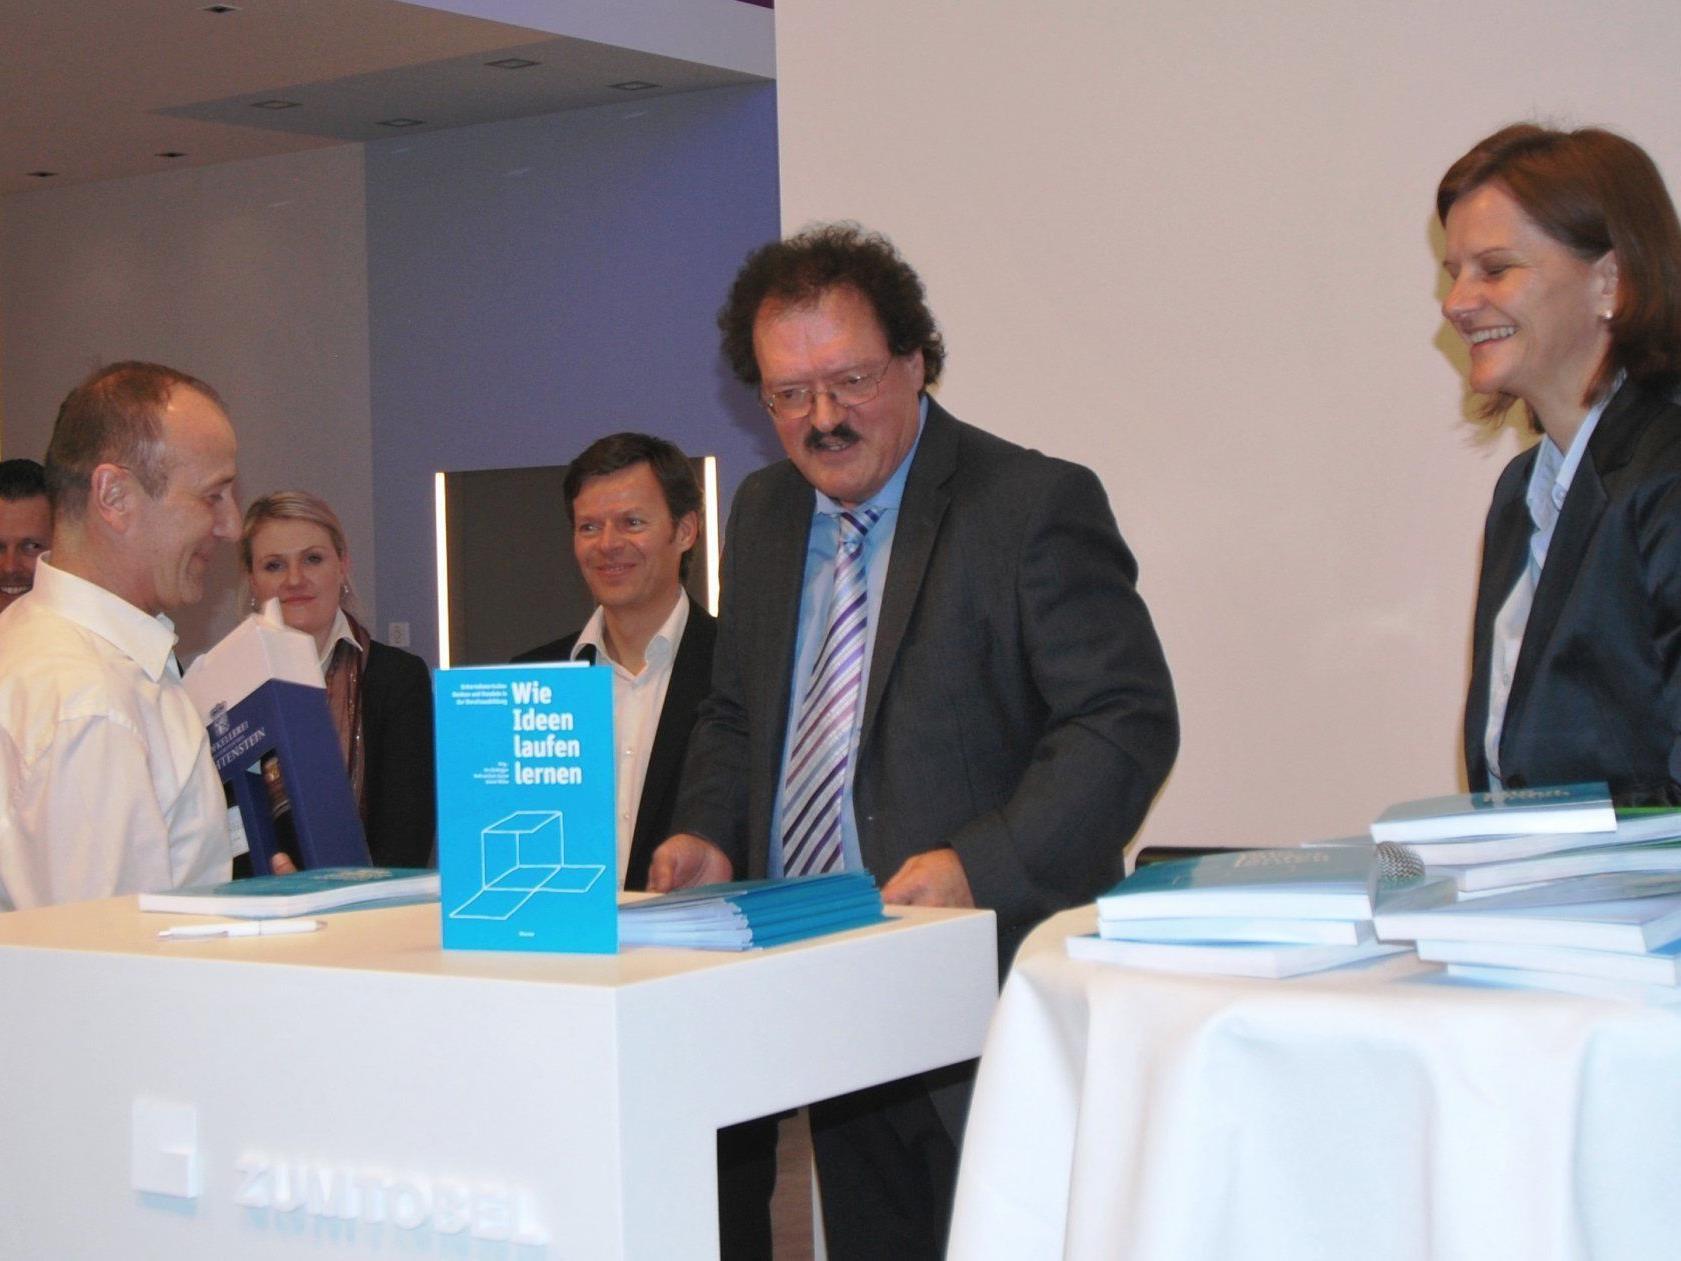 """Buchpräsentation """"Wie Ideen laufen lernen"""" im Zumtobel Lichtforum"""